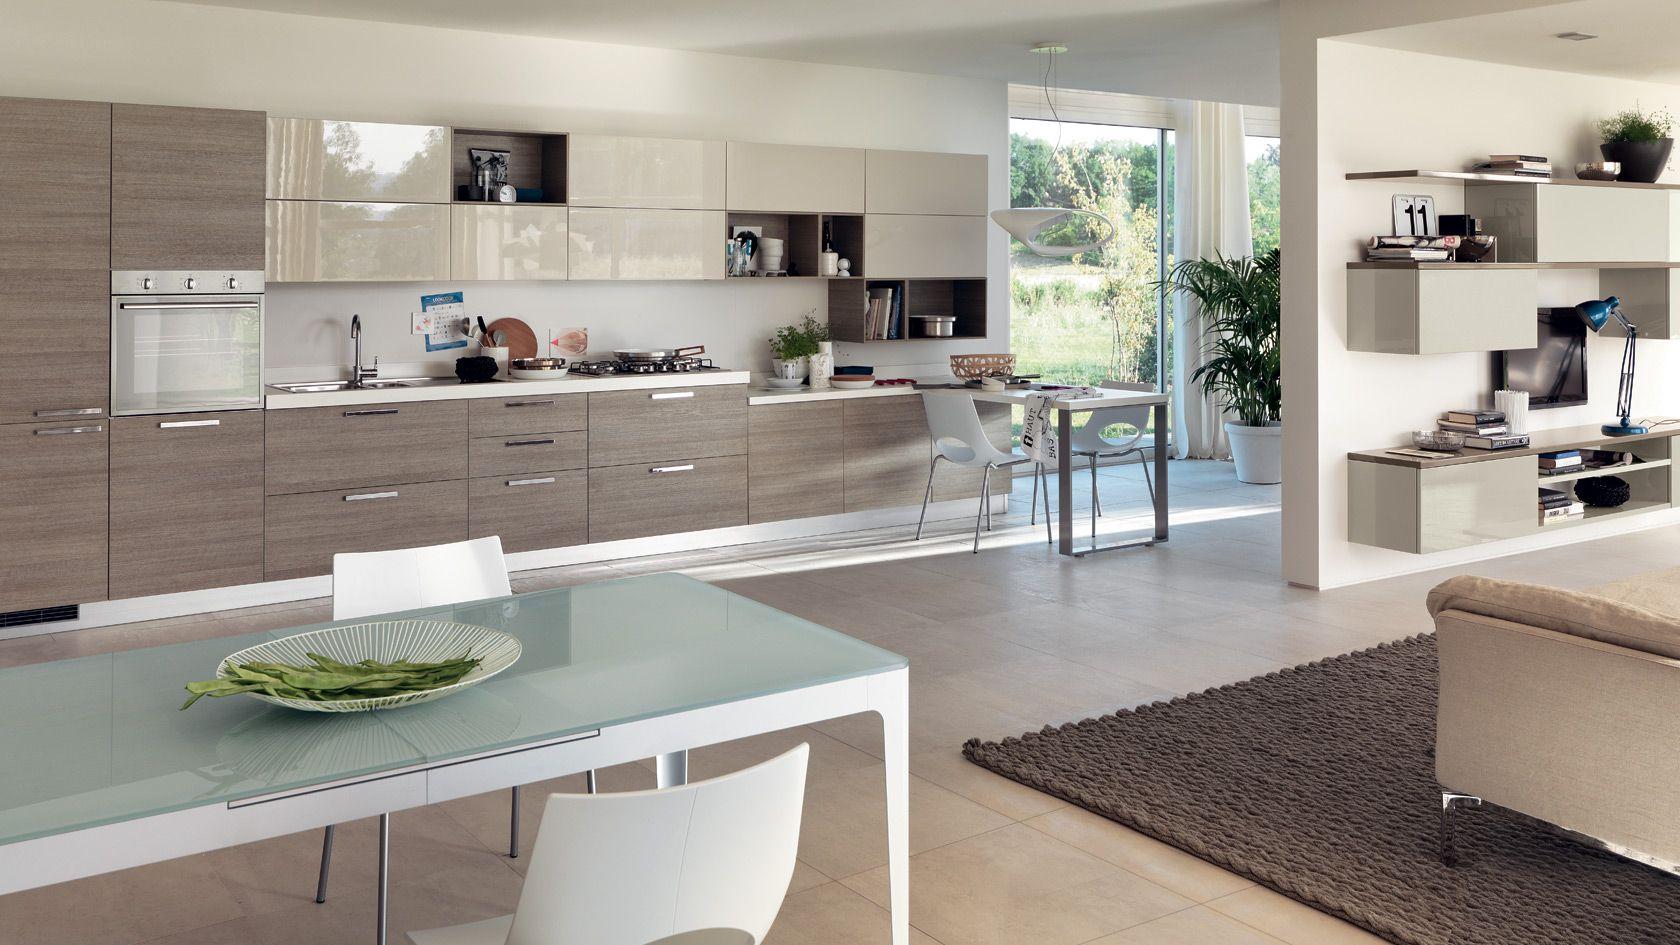 Kitchen Sax Scavolini | 77 Commercial | Contemporary kitchen ...